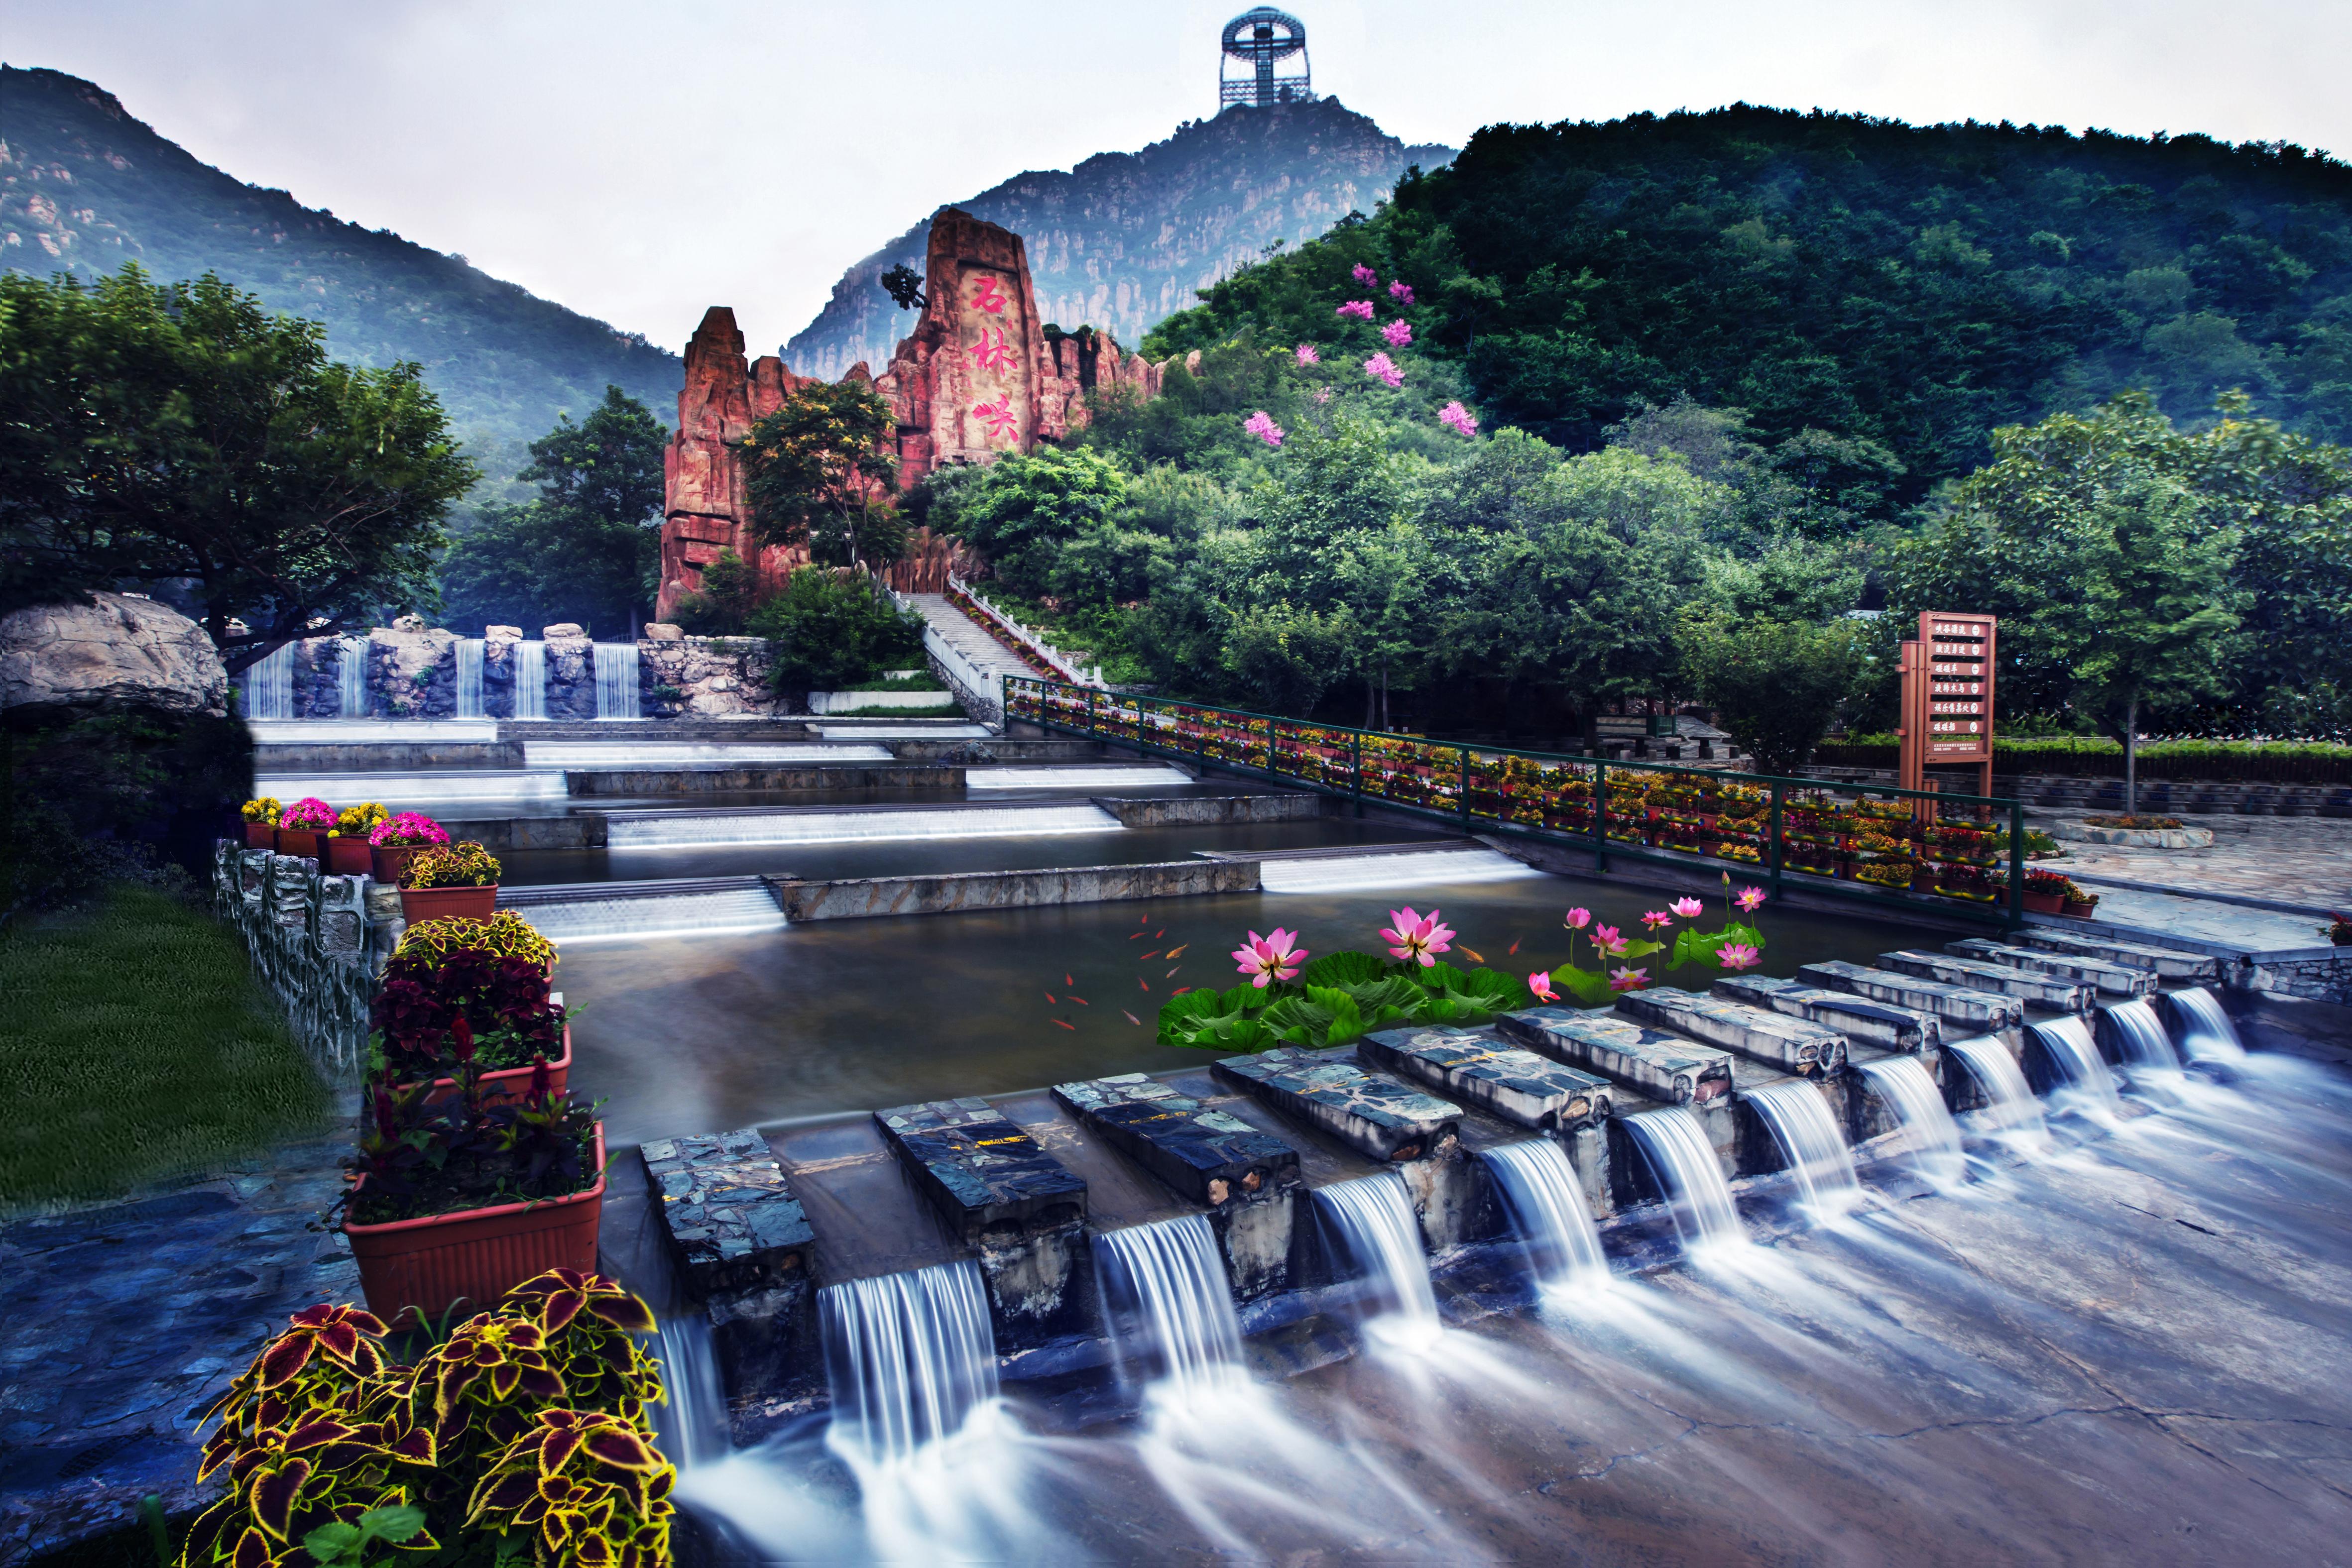 不出京,尽享七彩瑶池美景,网红打卡地你值得拥有!